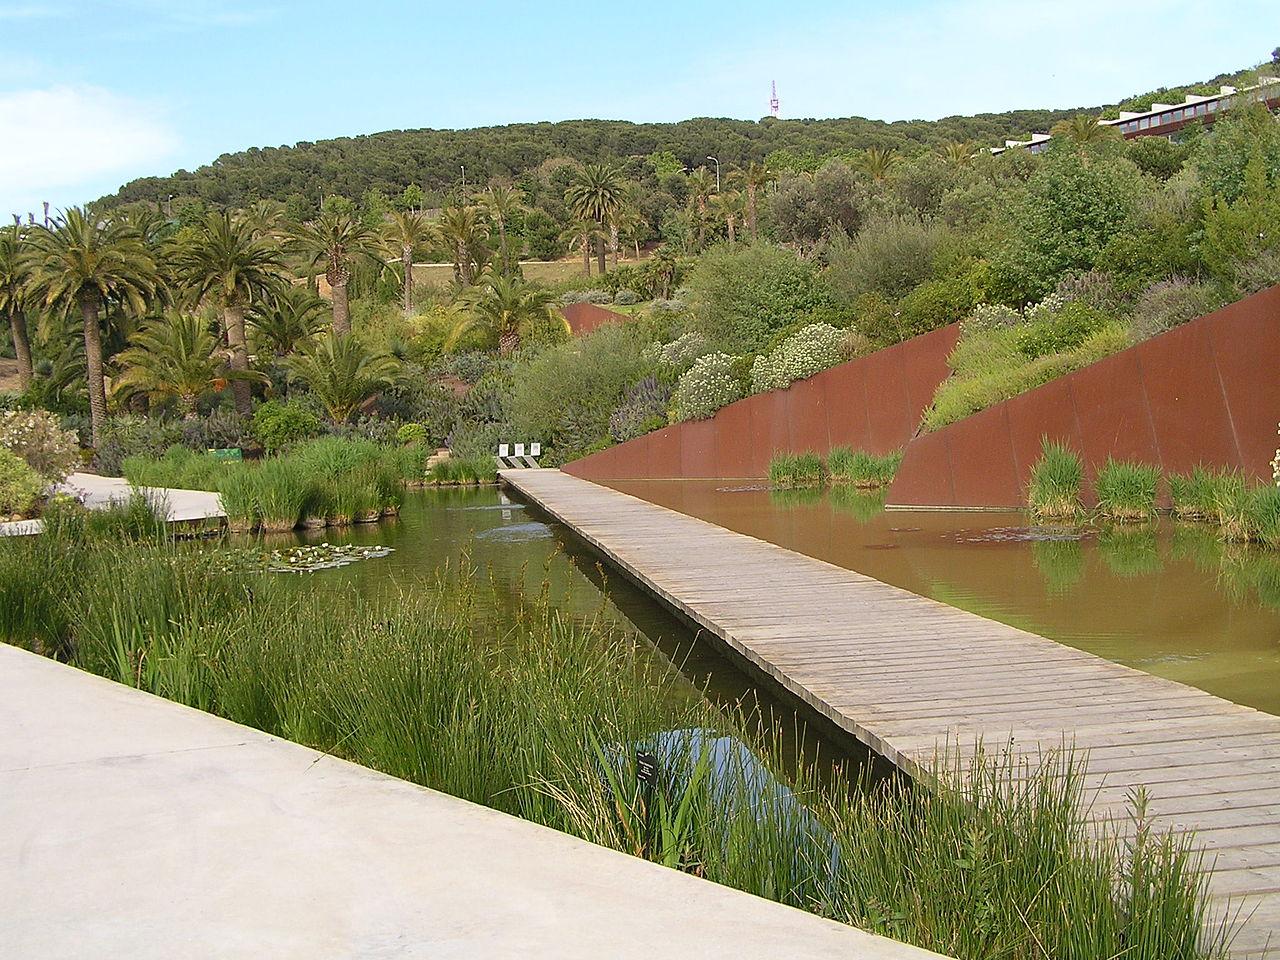 jardin botanique de barcelone